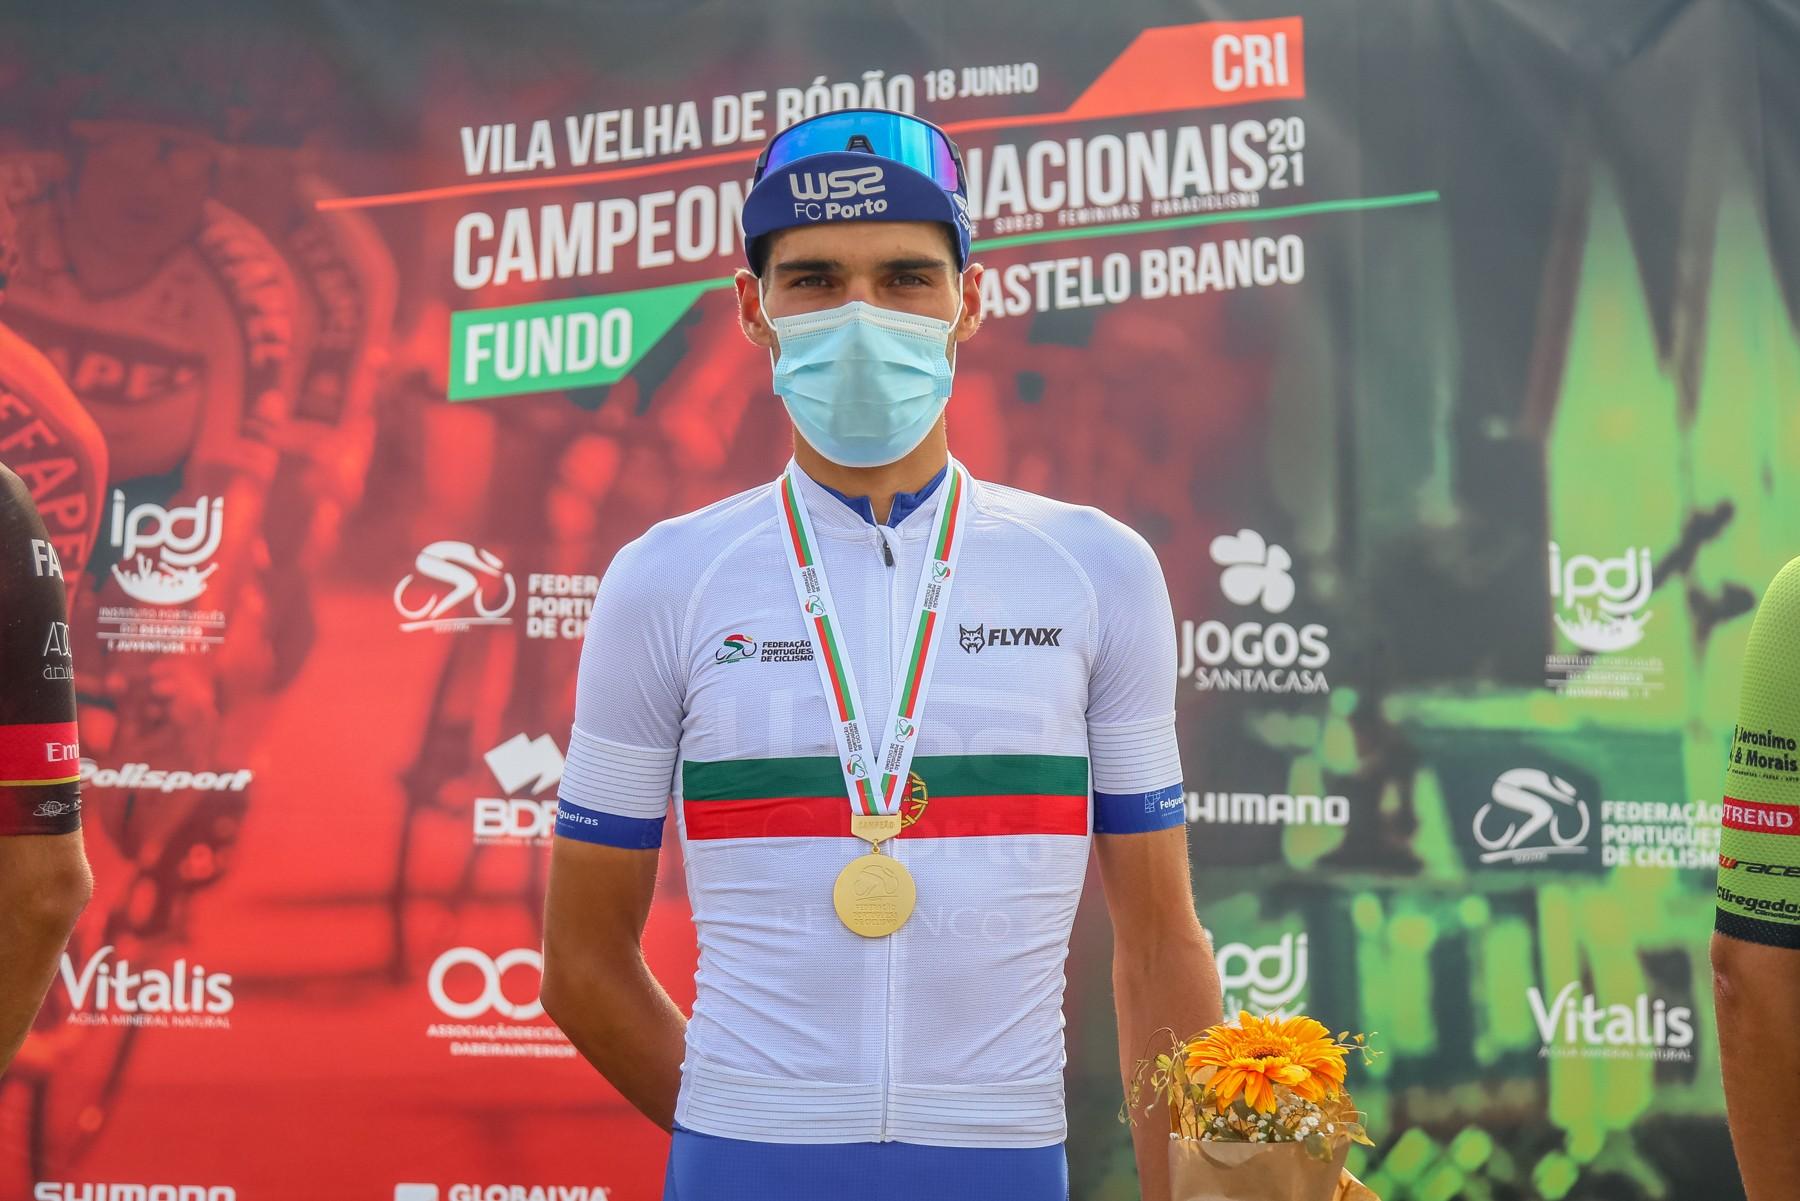 José Neves campeão nacional de fundo após demonstração de força